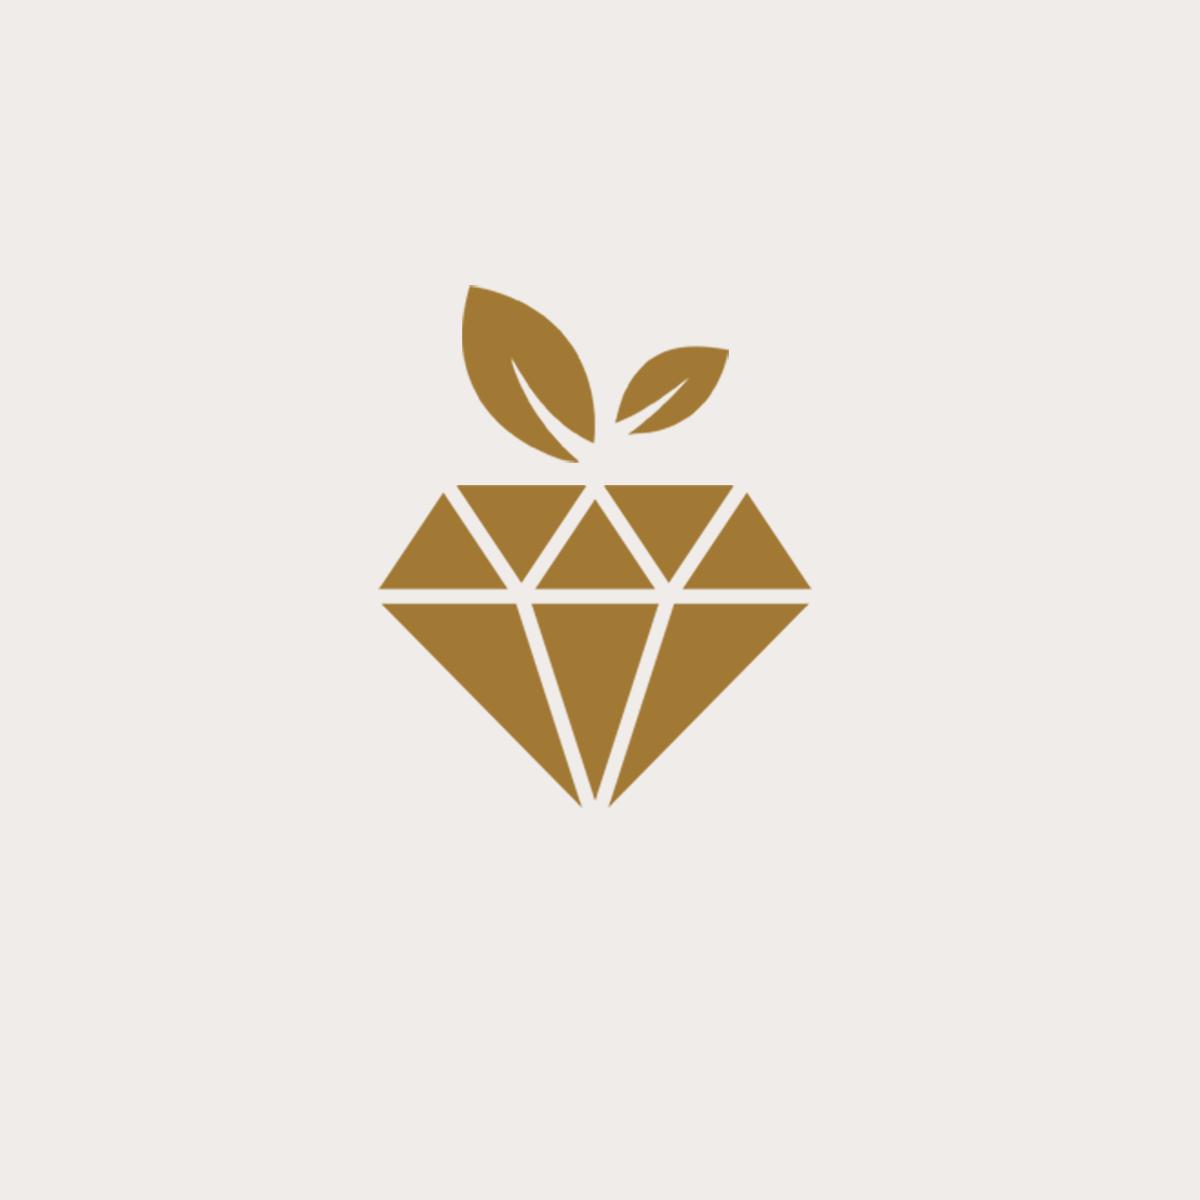 Stone Logodesign: Logo Mark For A Jewellery Designer